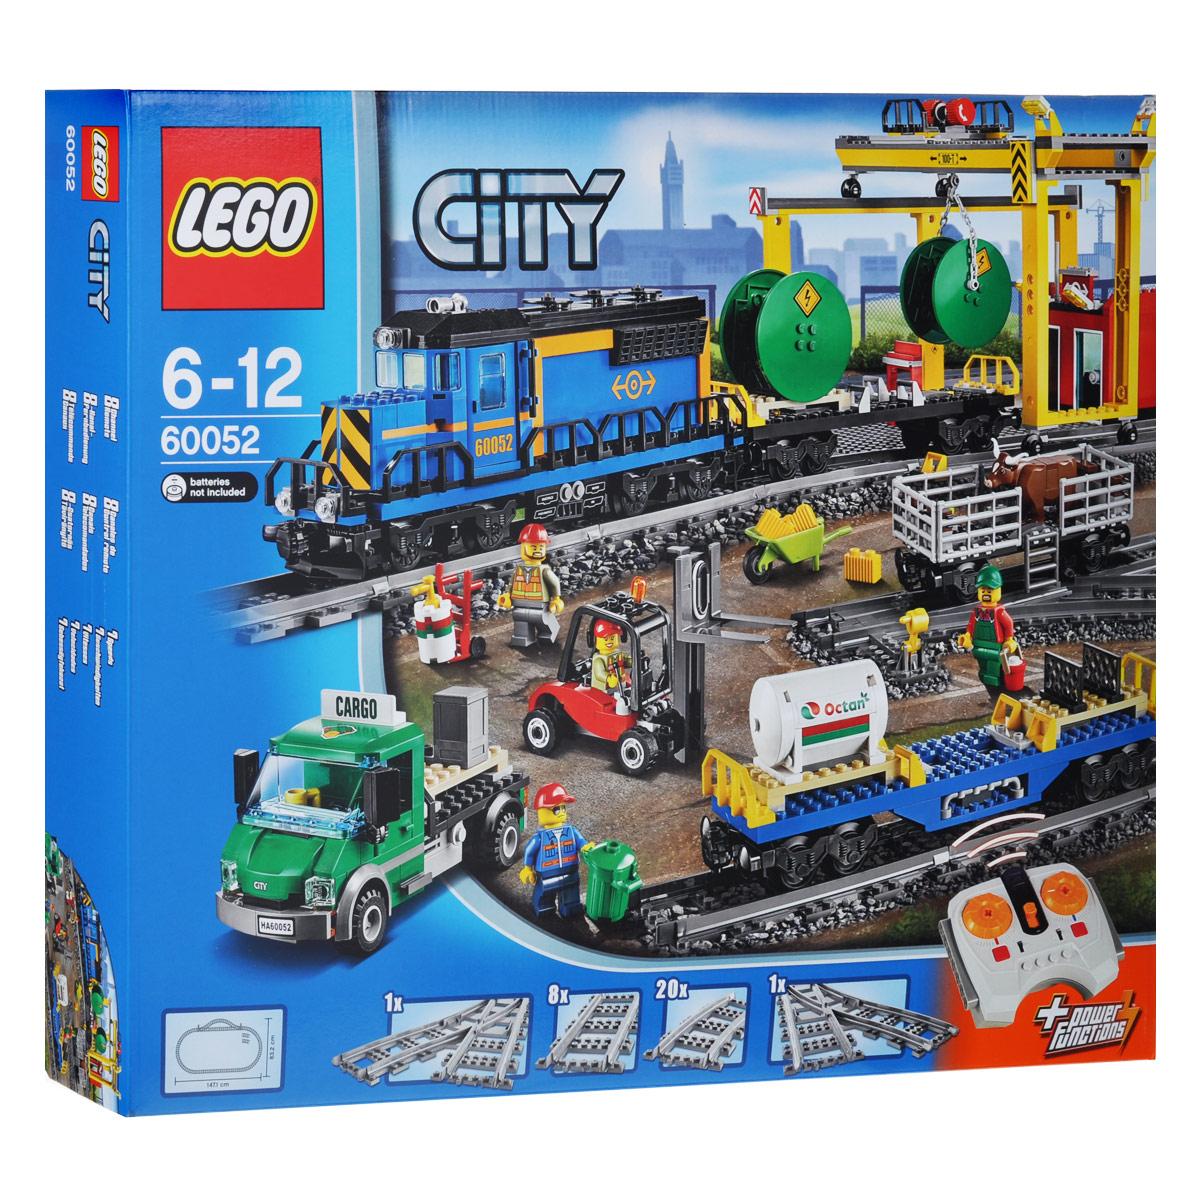 LEGO City Конструктор Грузовой поезд 6005260052Перевози тяжелые грузы и животных по городу на супермощном грузовом поезде LEGO City! Этот великолепный моторизированный поезд с 8-канальным, 7-скоростным дистанционным управлением может перевозить все, что угодно. Убедись в том, что груз находится в нужном месте в нужное время, чтобы обеспечить бесперебойную работу города. Соедини вагон для рогатого скота и два грузовых вагона и тяни их с помощью локомотива. Используй вильчатый погрузчик для безопасного перемещения поддонов из вагонов в грузовик. Регистрируй все отправления и прибытия грузов в офисе на впечатляющей грузовой железнодорожной станции. Ты можешь использовать передвижной мостовой кран с крюком для передвижения тяжёлых грузов с одного транспортного средства на другое или на землю. Этот набор с множеством игровых возможностей и крутыми функциями идеально подходит для любителей поездов! Набор включает в себя 888 разноцветных пластиковых элементов, в том числе минифигурки в виде водителя ...